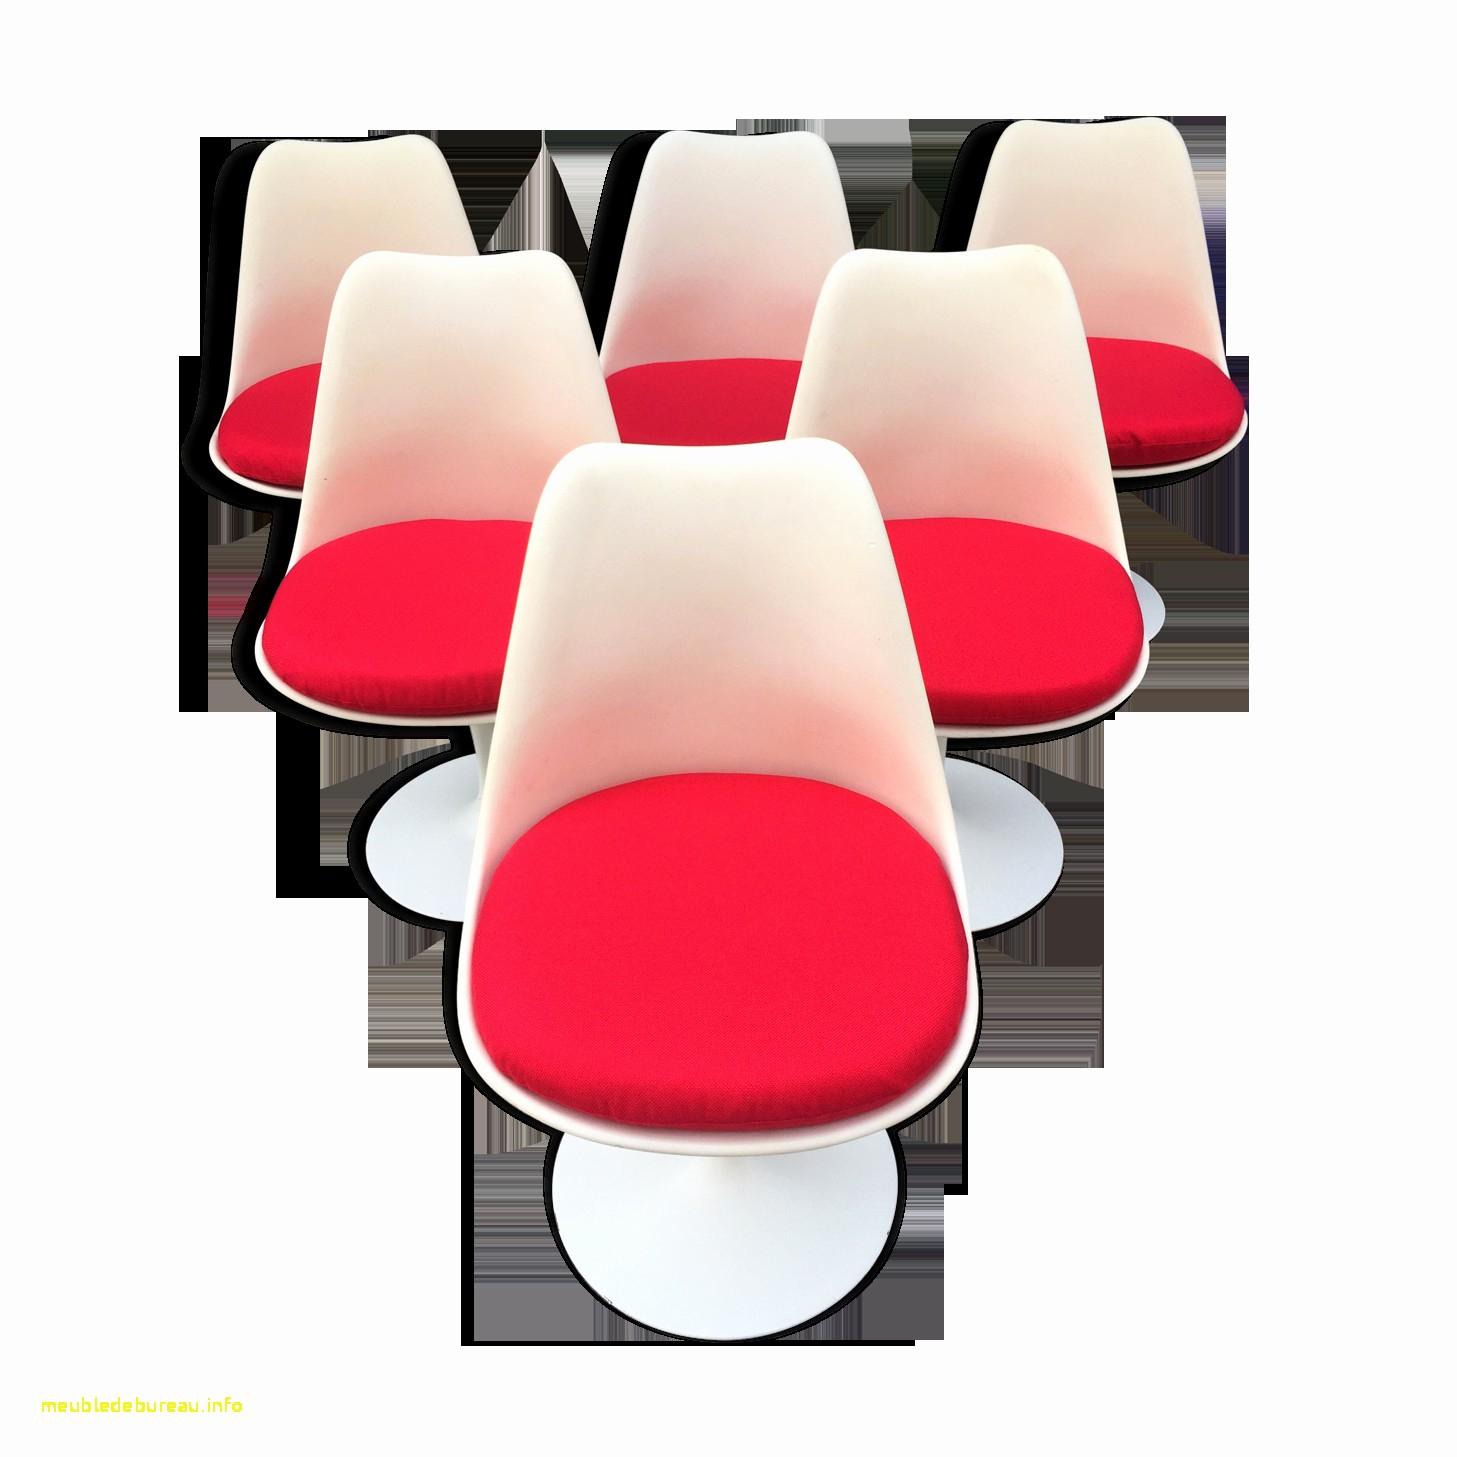 Salle De Jeux Ikea Meilleur De Image Meuble Cuisine Porte Coulissante Ikea 39 Inspirant Collection De